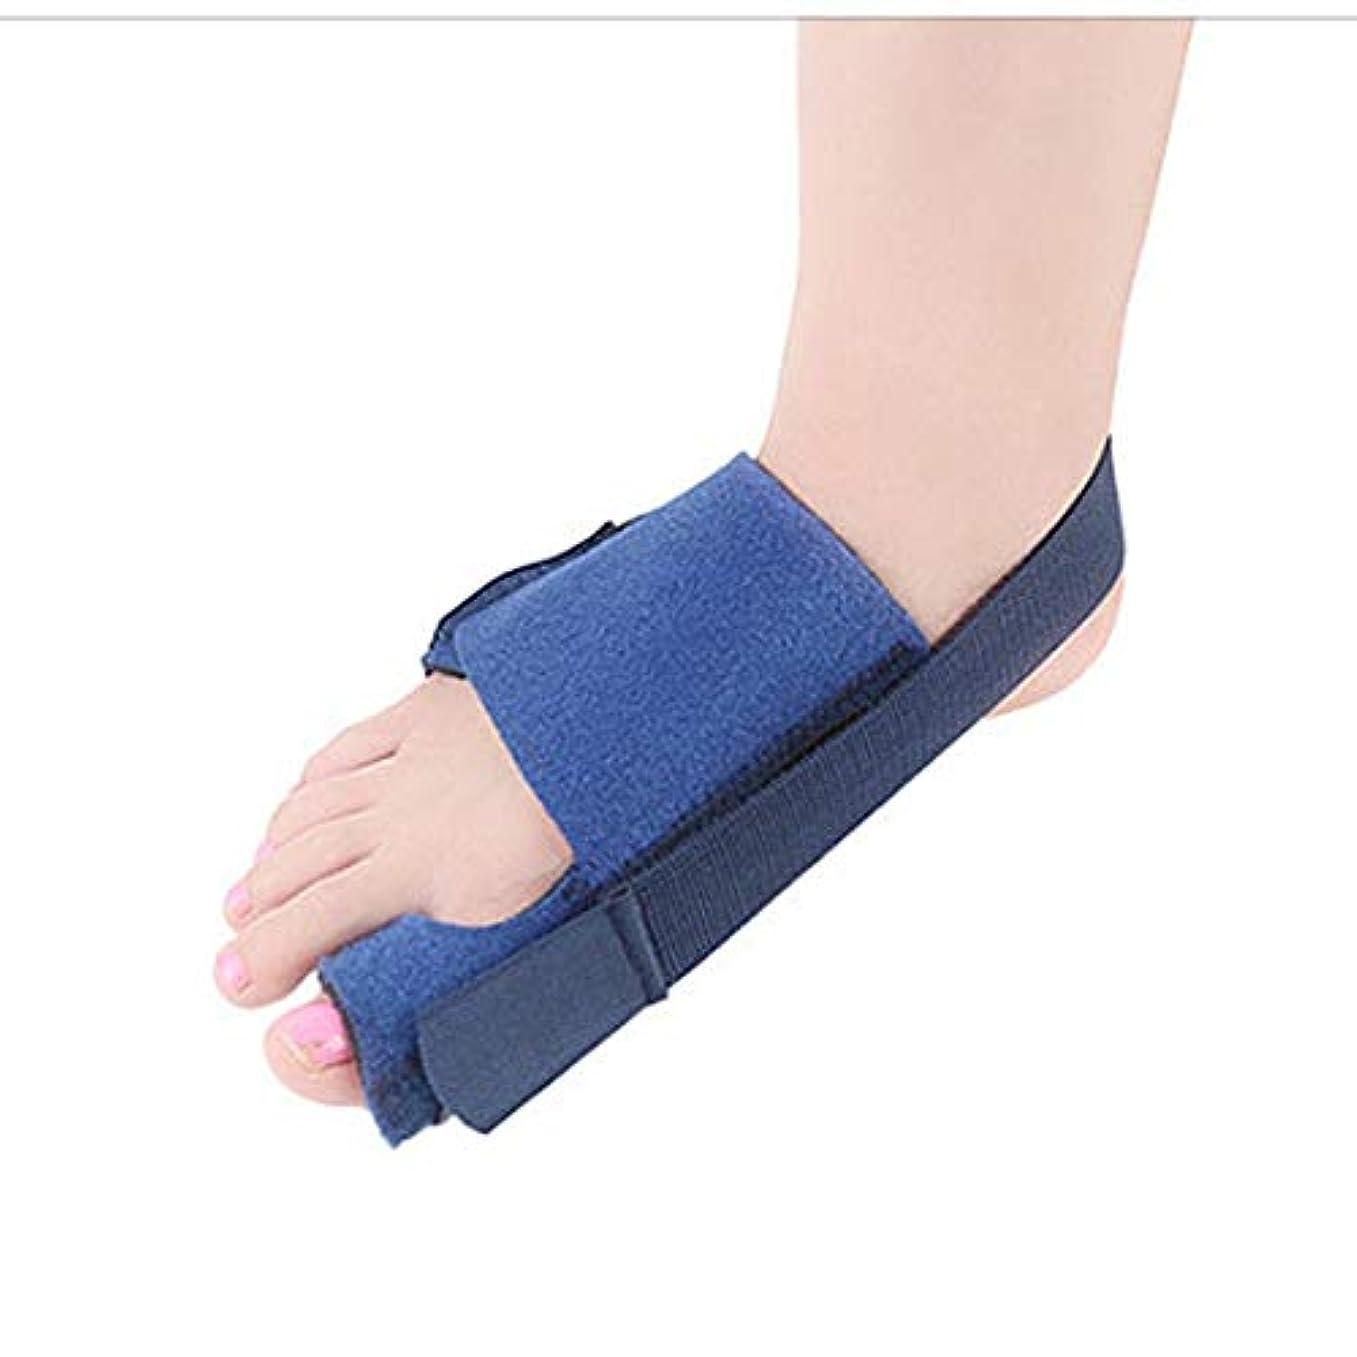 マニアック人に関する限り警官腱膜瘤矯正と腱膜瘤救済、女性と男性のための整形外科の足の親指矯正、昼夜のサポート、外反母Valの治療と予防,rightfoot